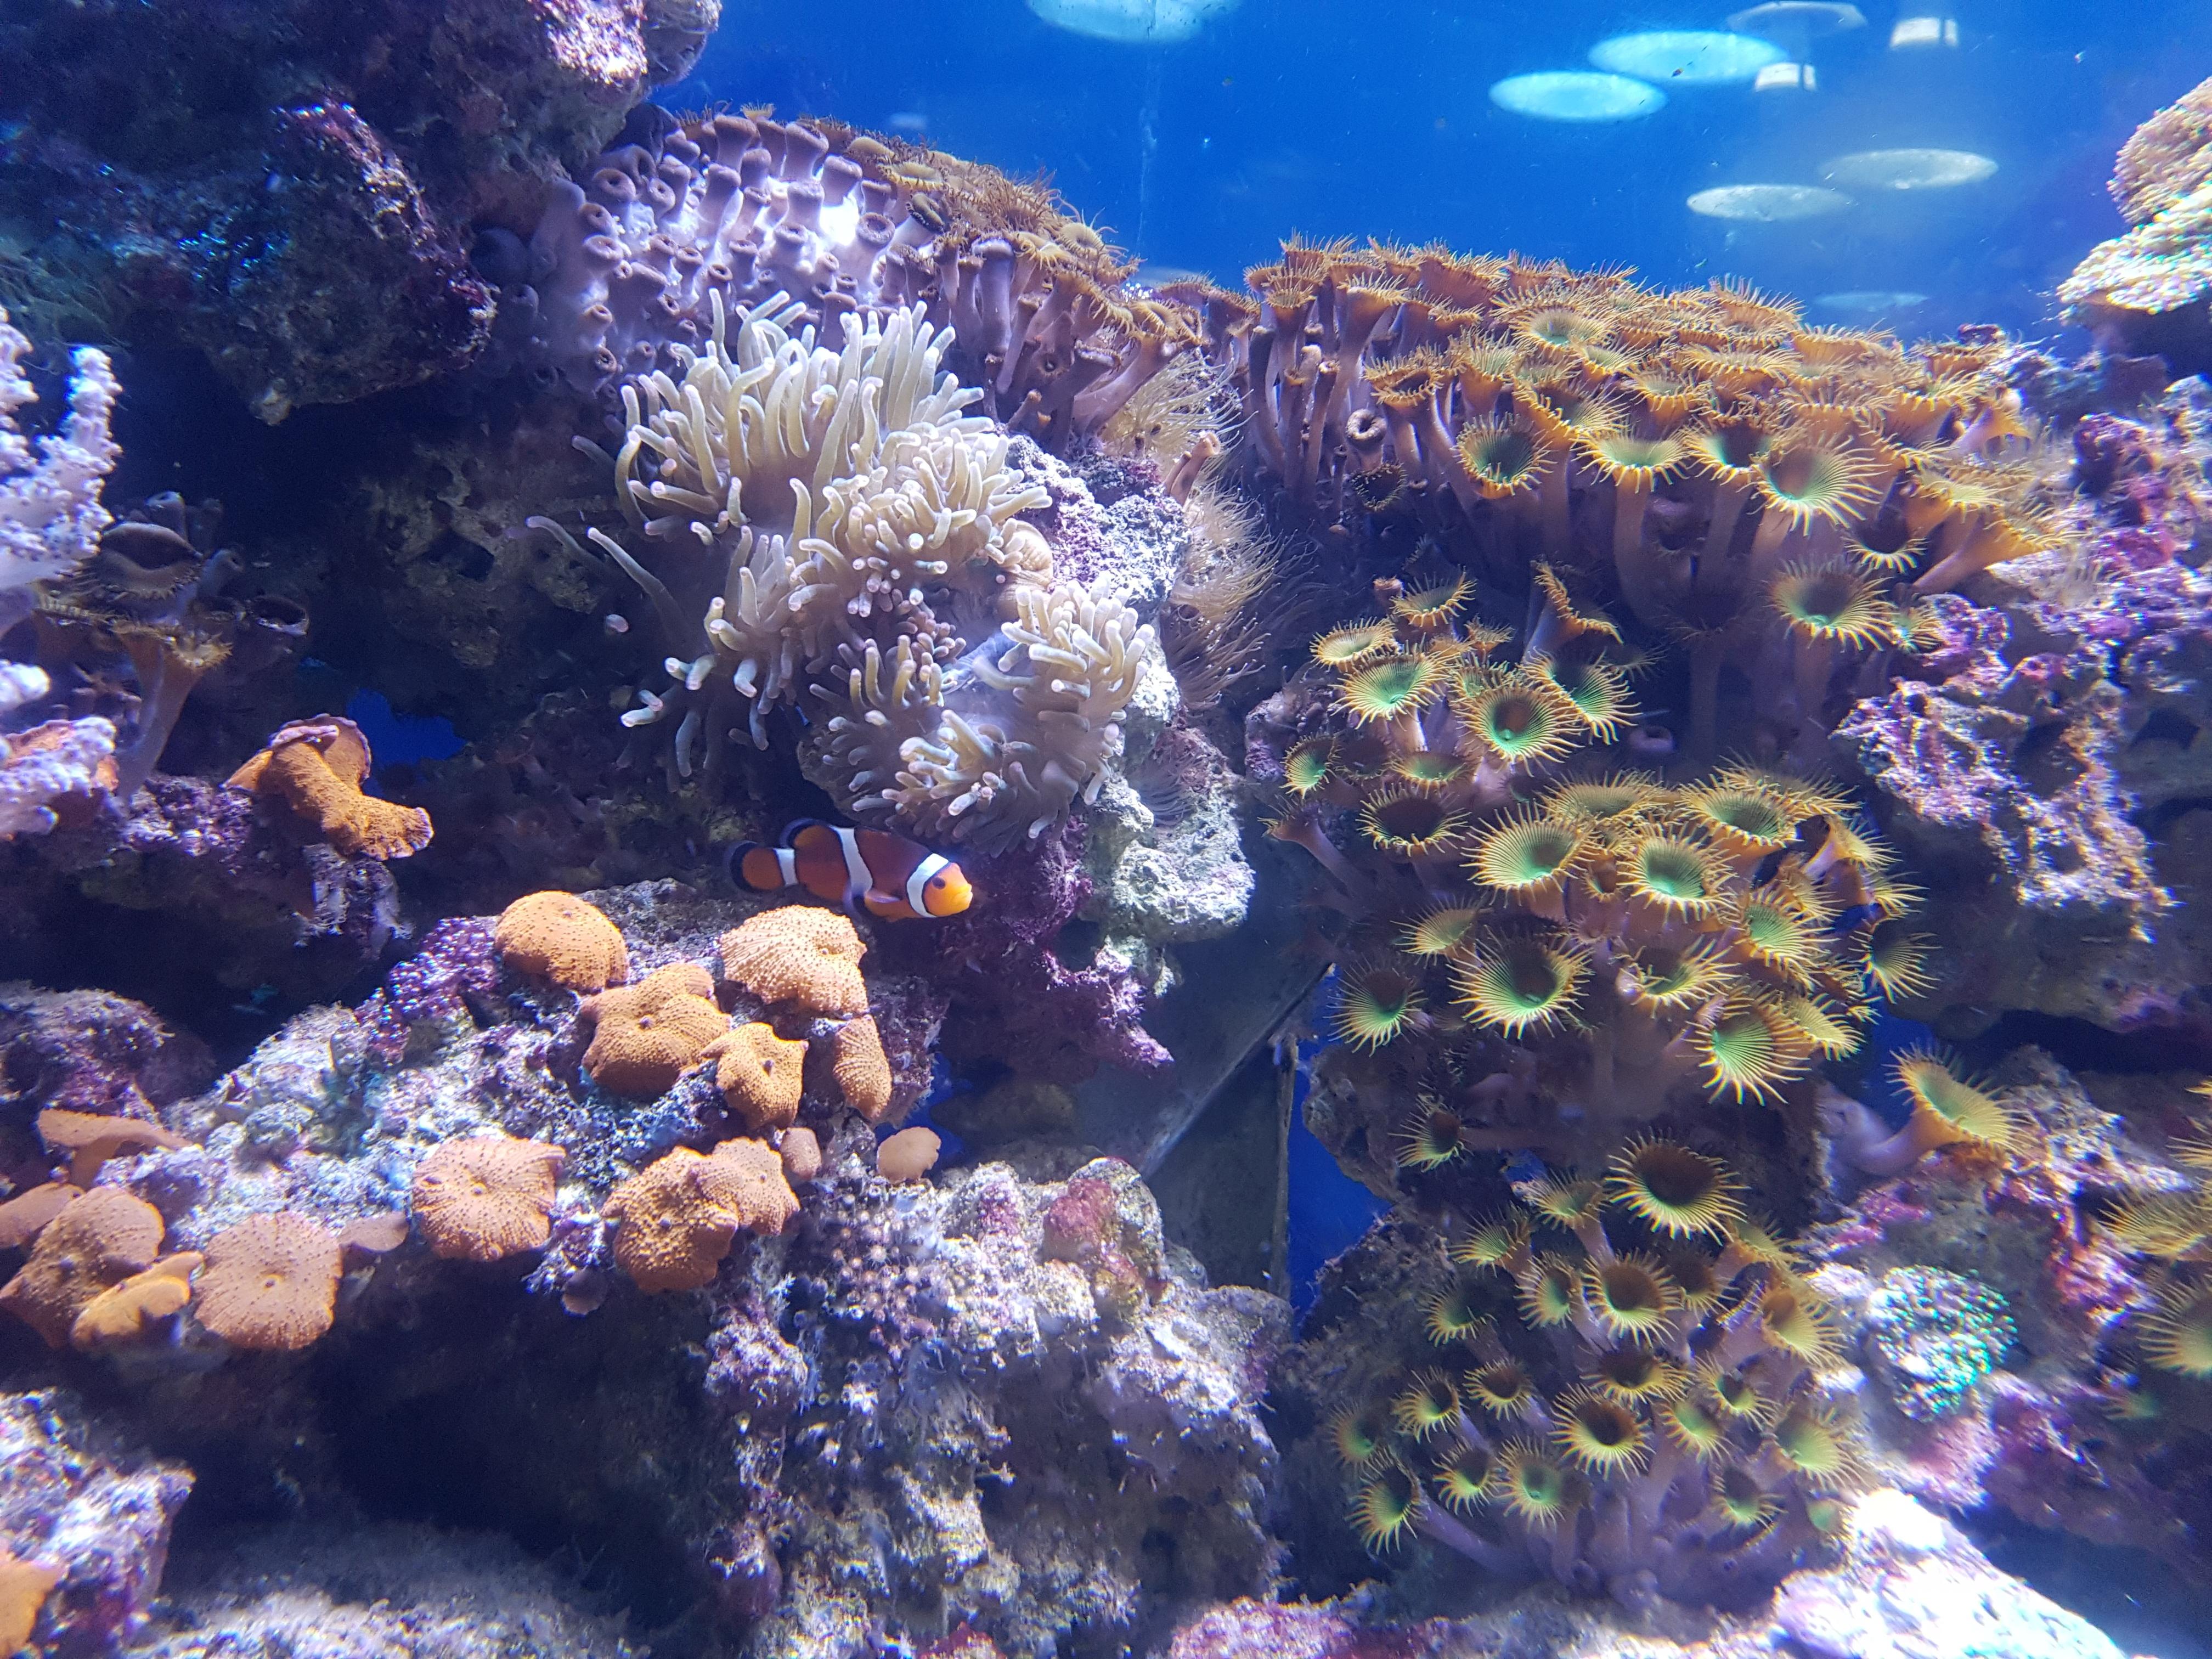 Free Images : underwater, tropical, coral reef, invertebrate